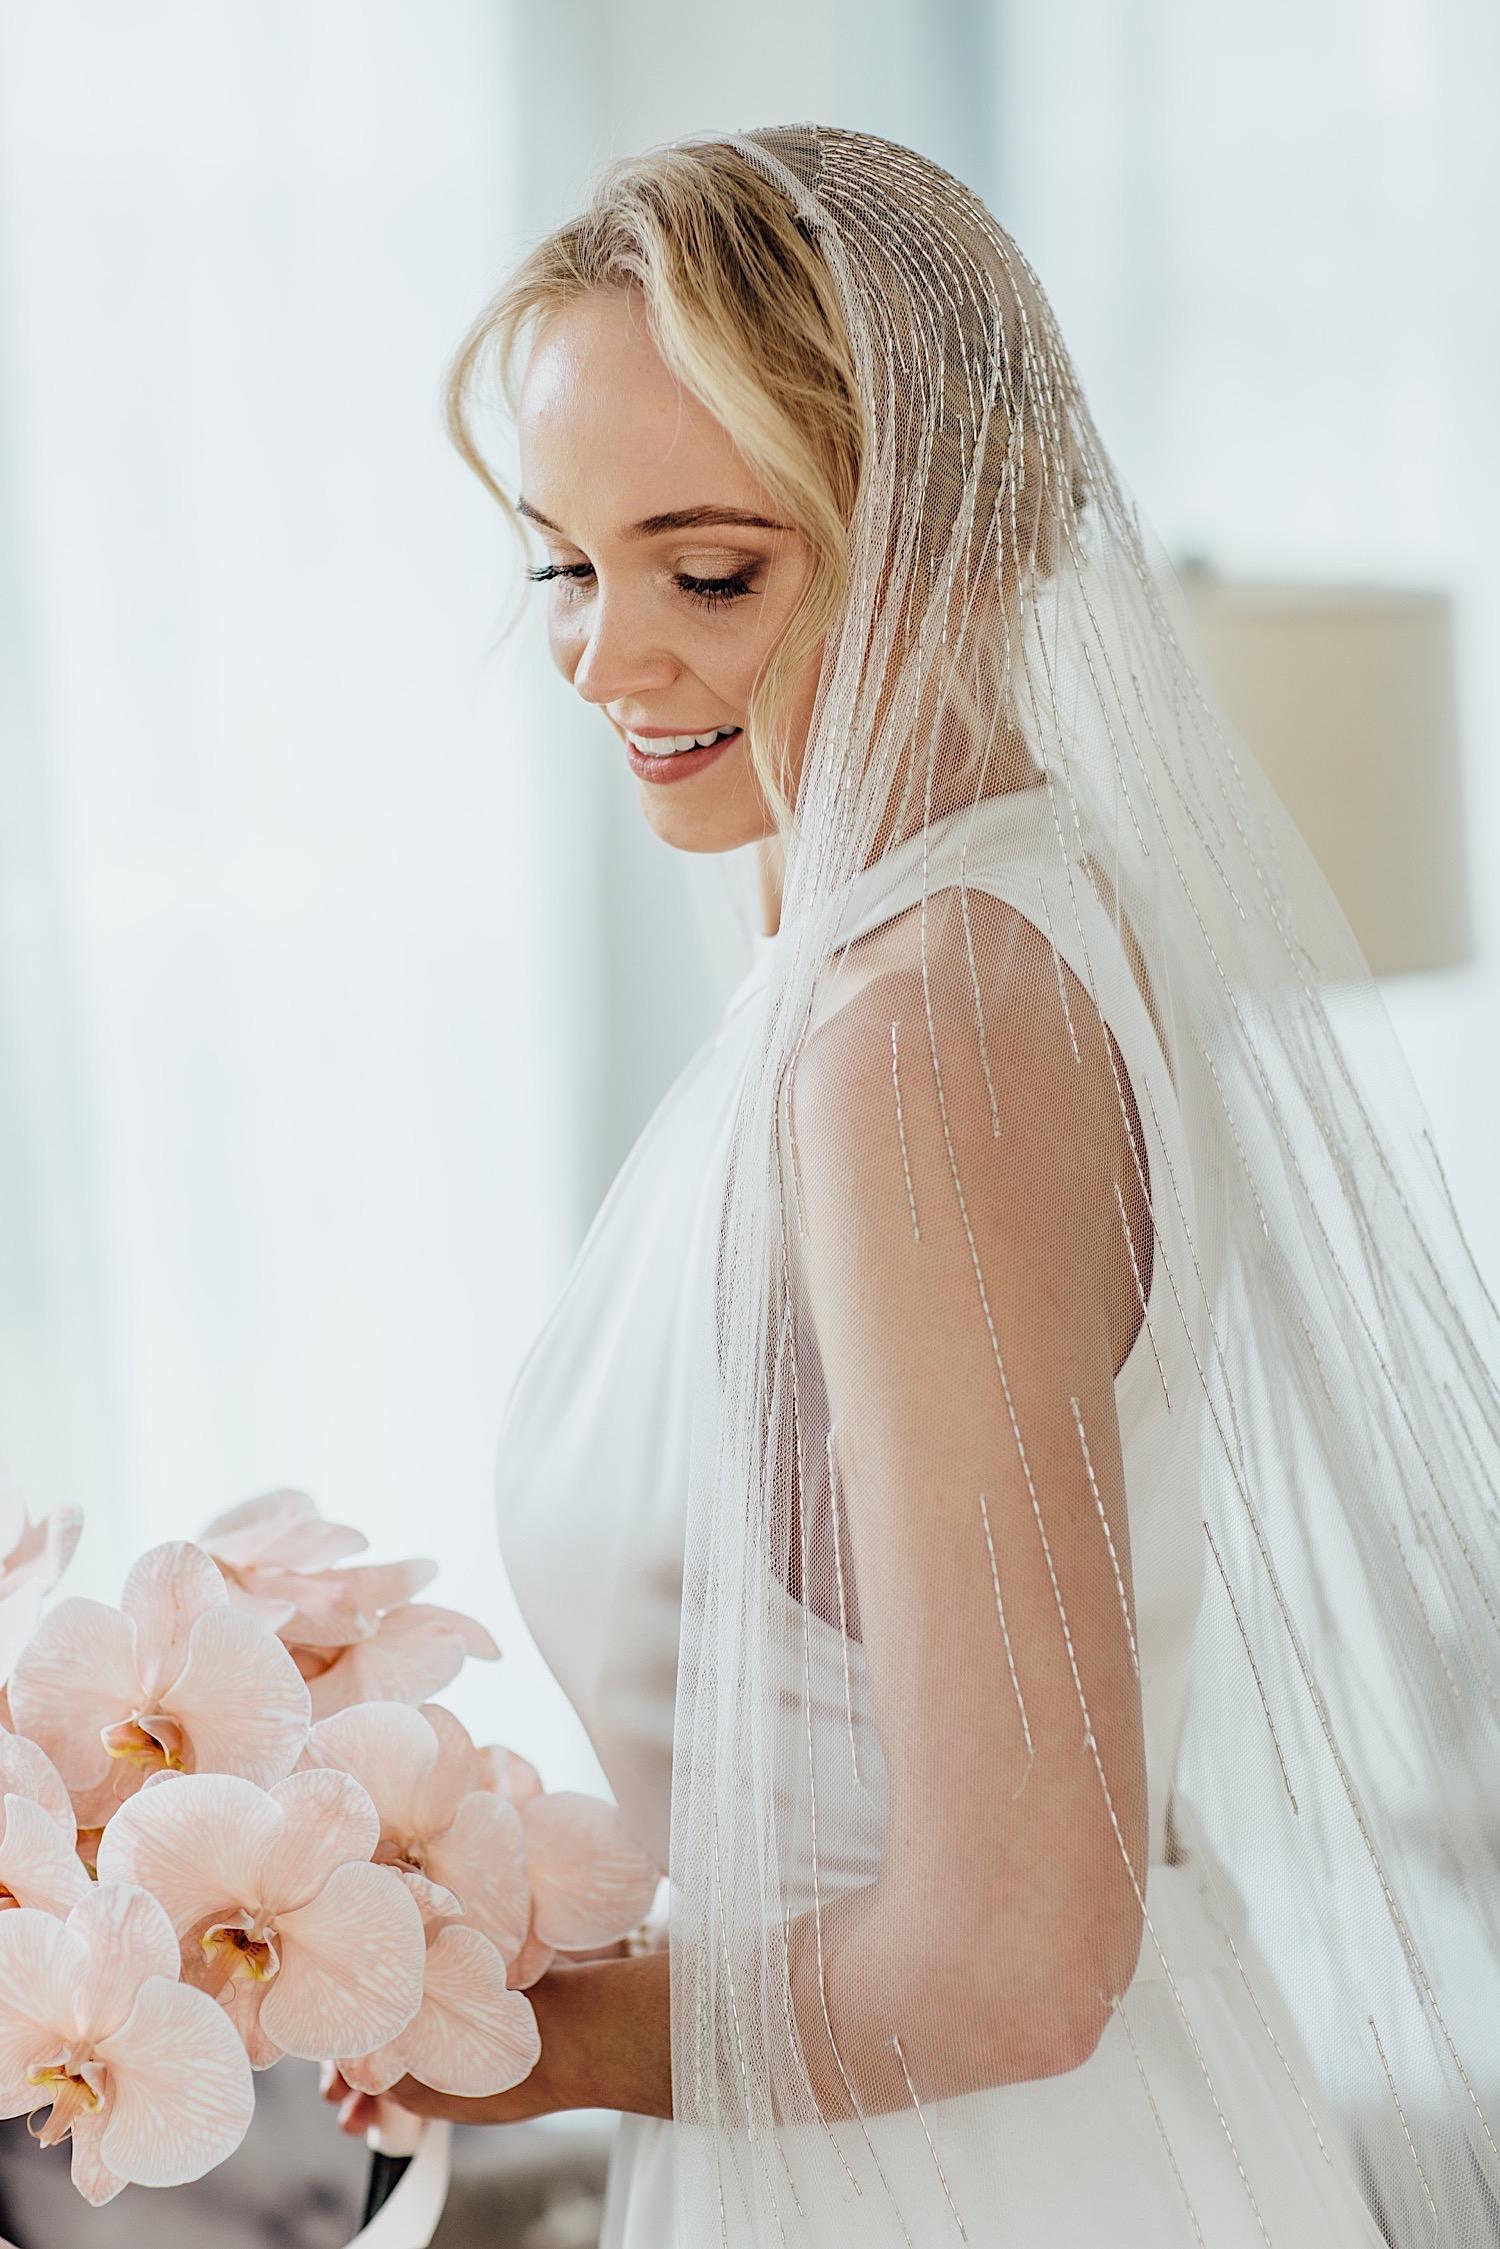 Arafel Park bride wearing Dan Jones Bridal